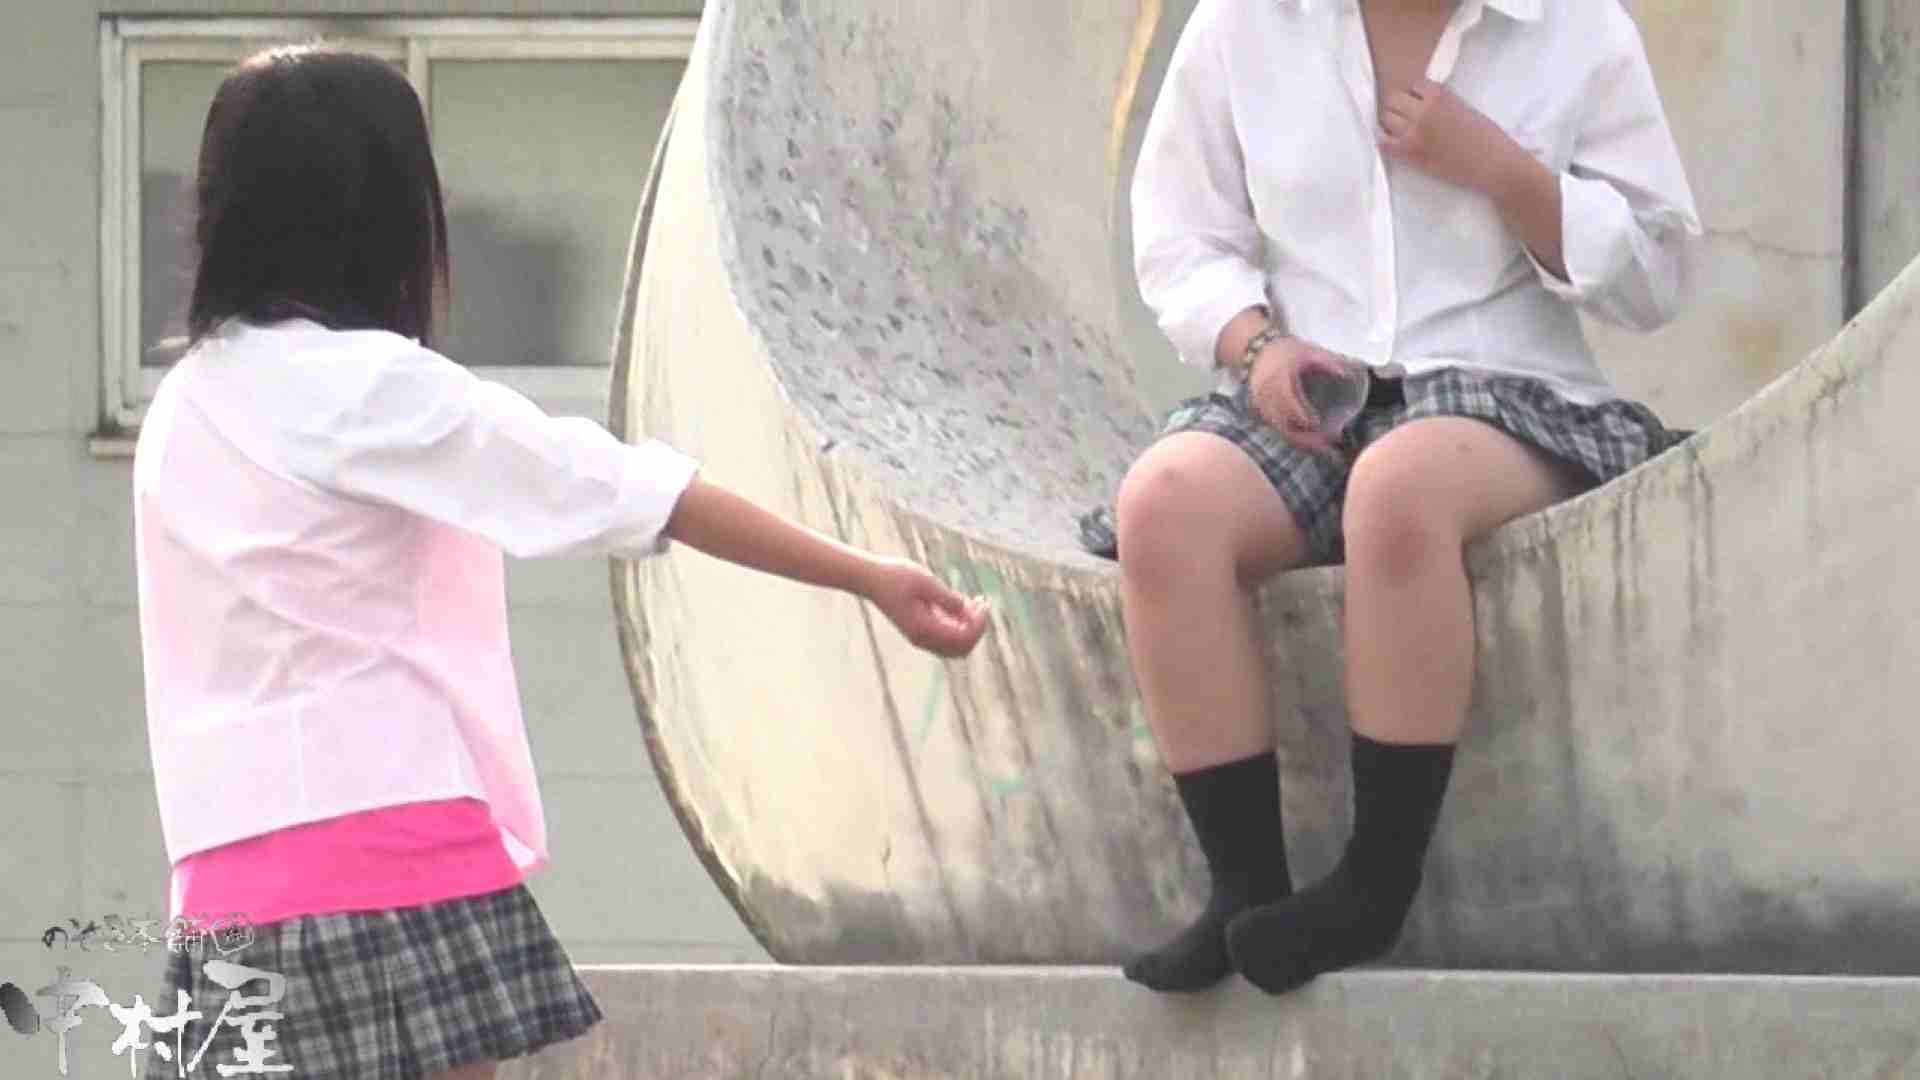 ドキドキ❤新入生パンチラ歓迎会vol.18 OLセックス 盗み撮りAV無料動画キャプチャ 86画像 77